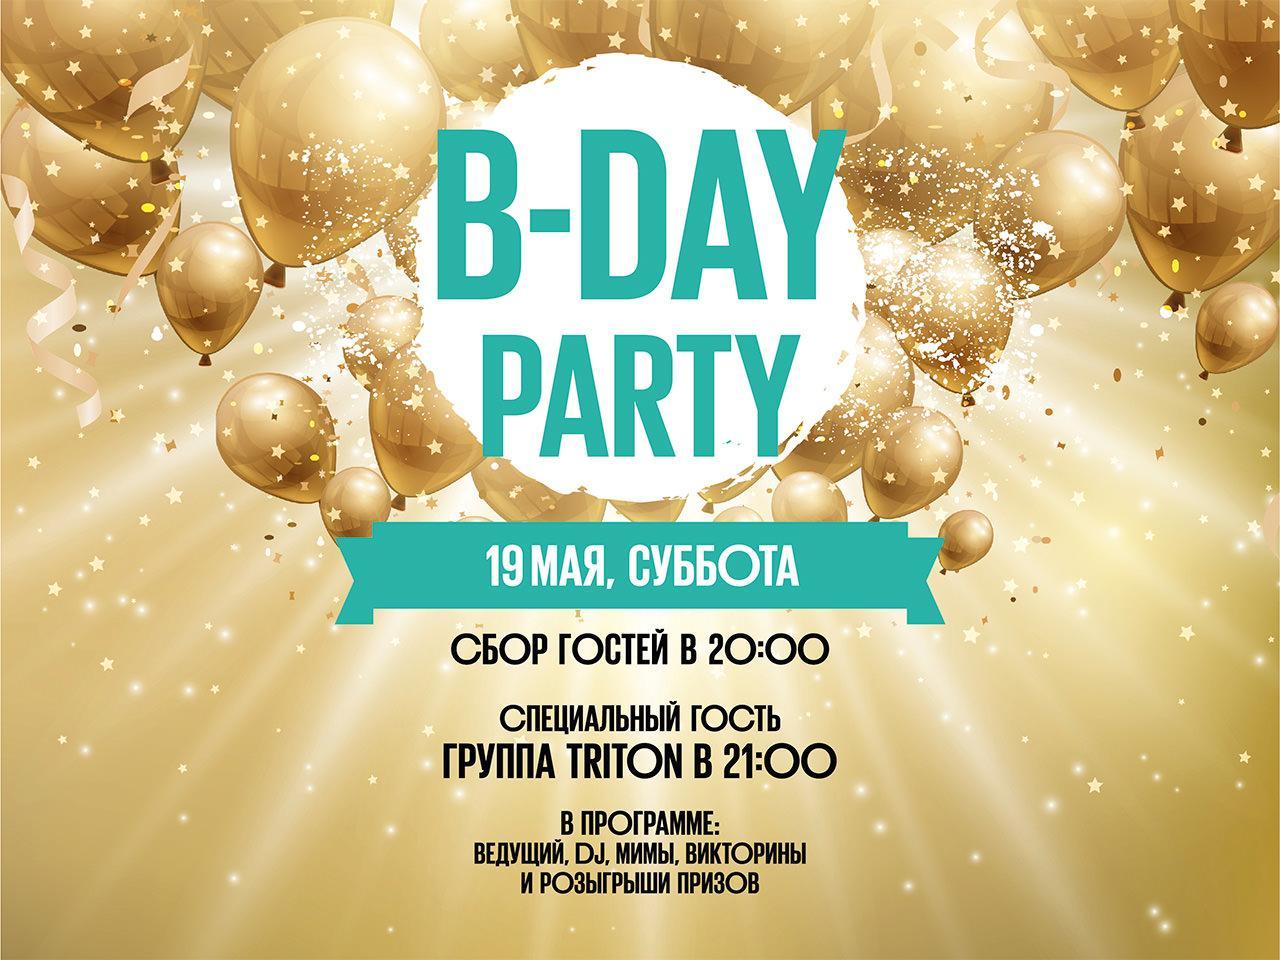 С днём рождения, Чайхона!